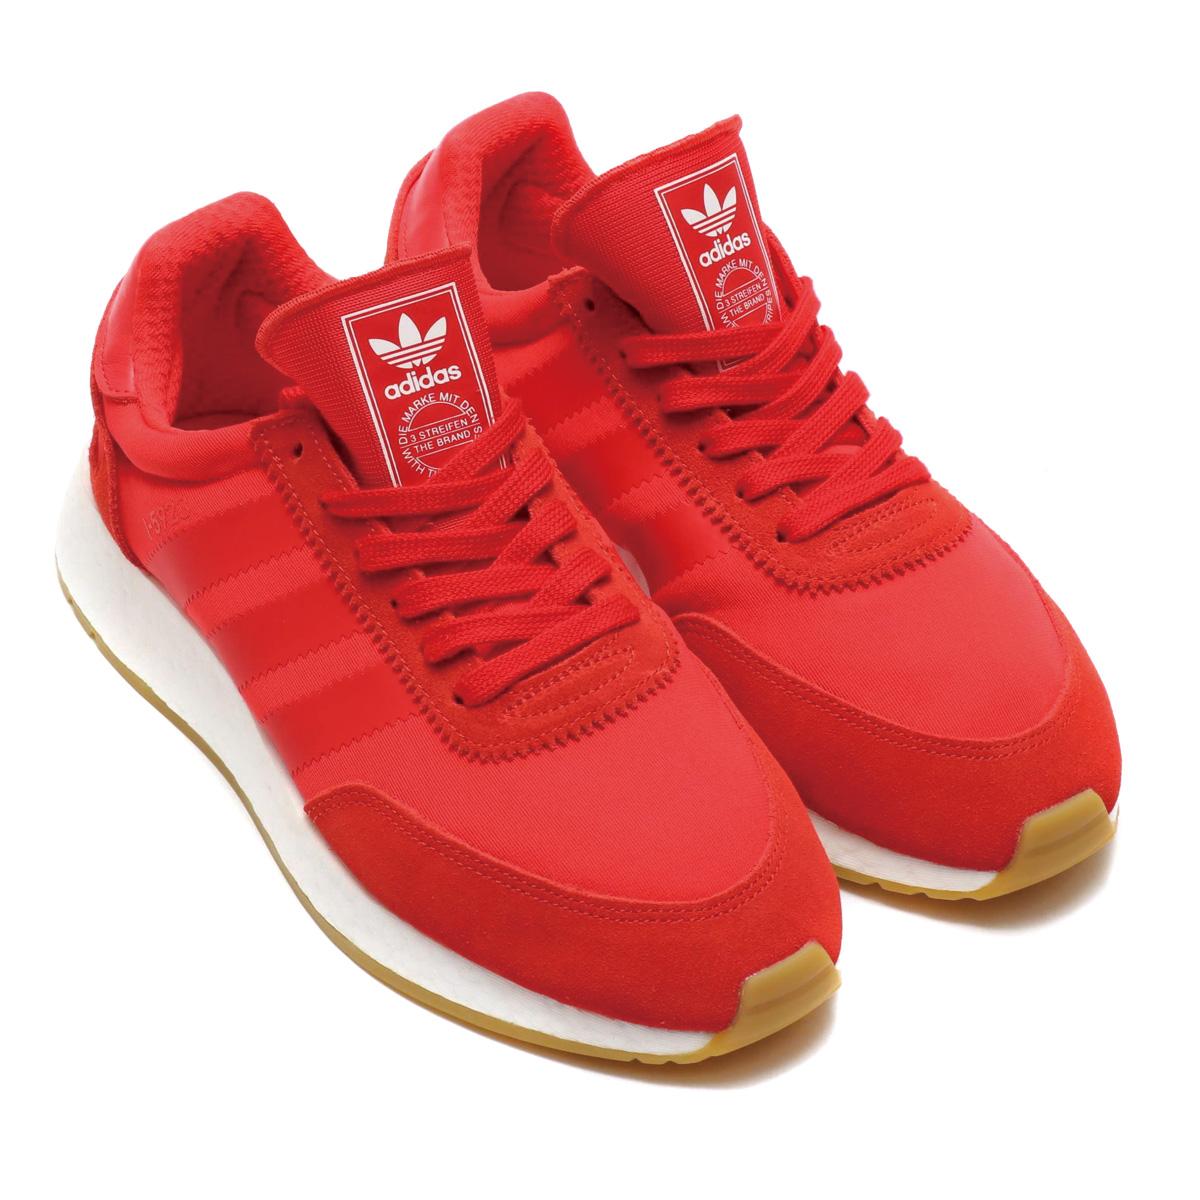 adidas I-5923(アディダス I-5923)レッド/レッド/ガム3【メンズ スニーカー】18FW-I